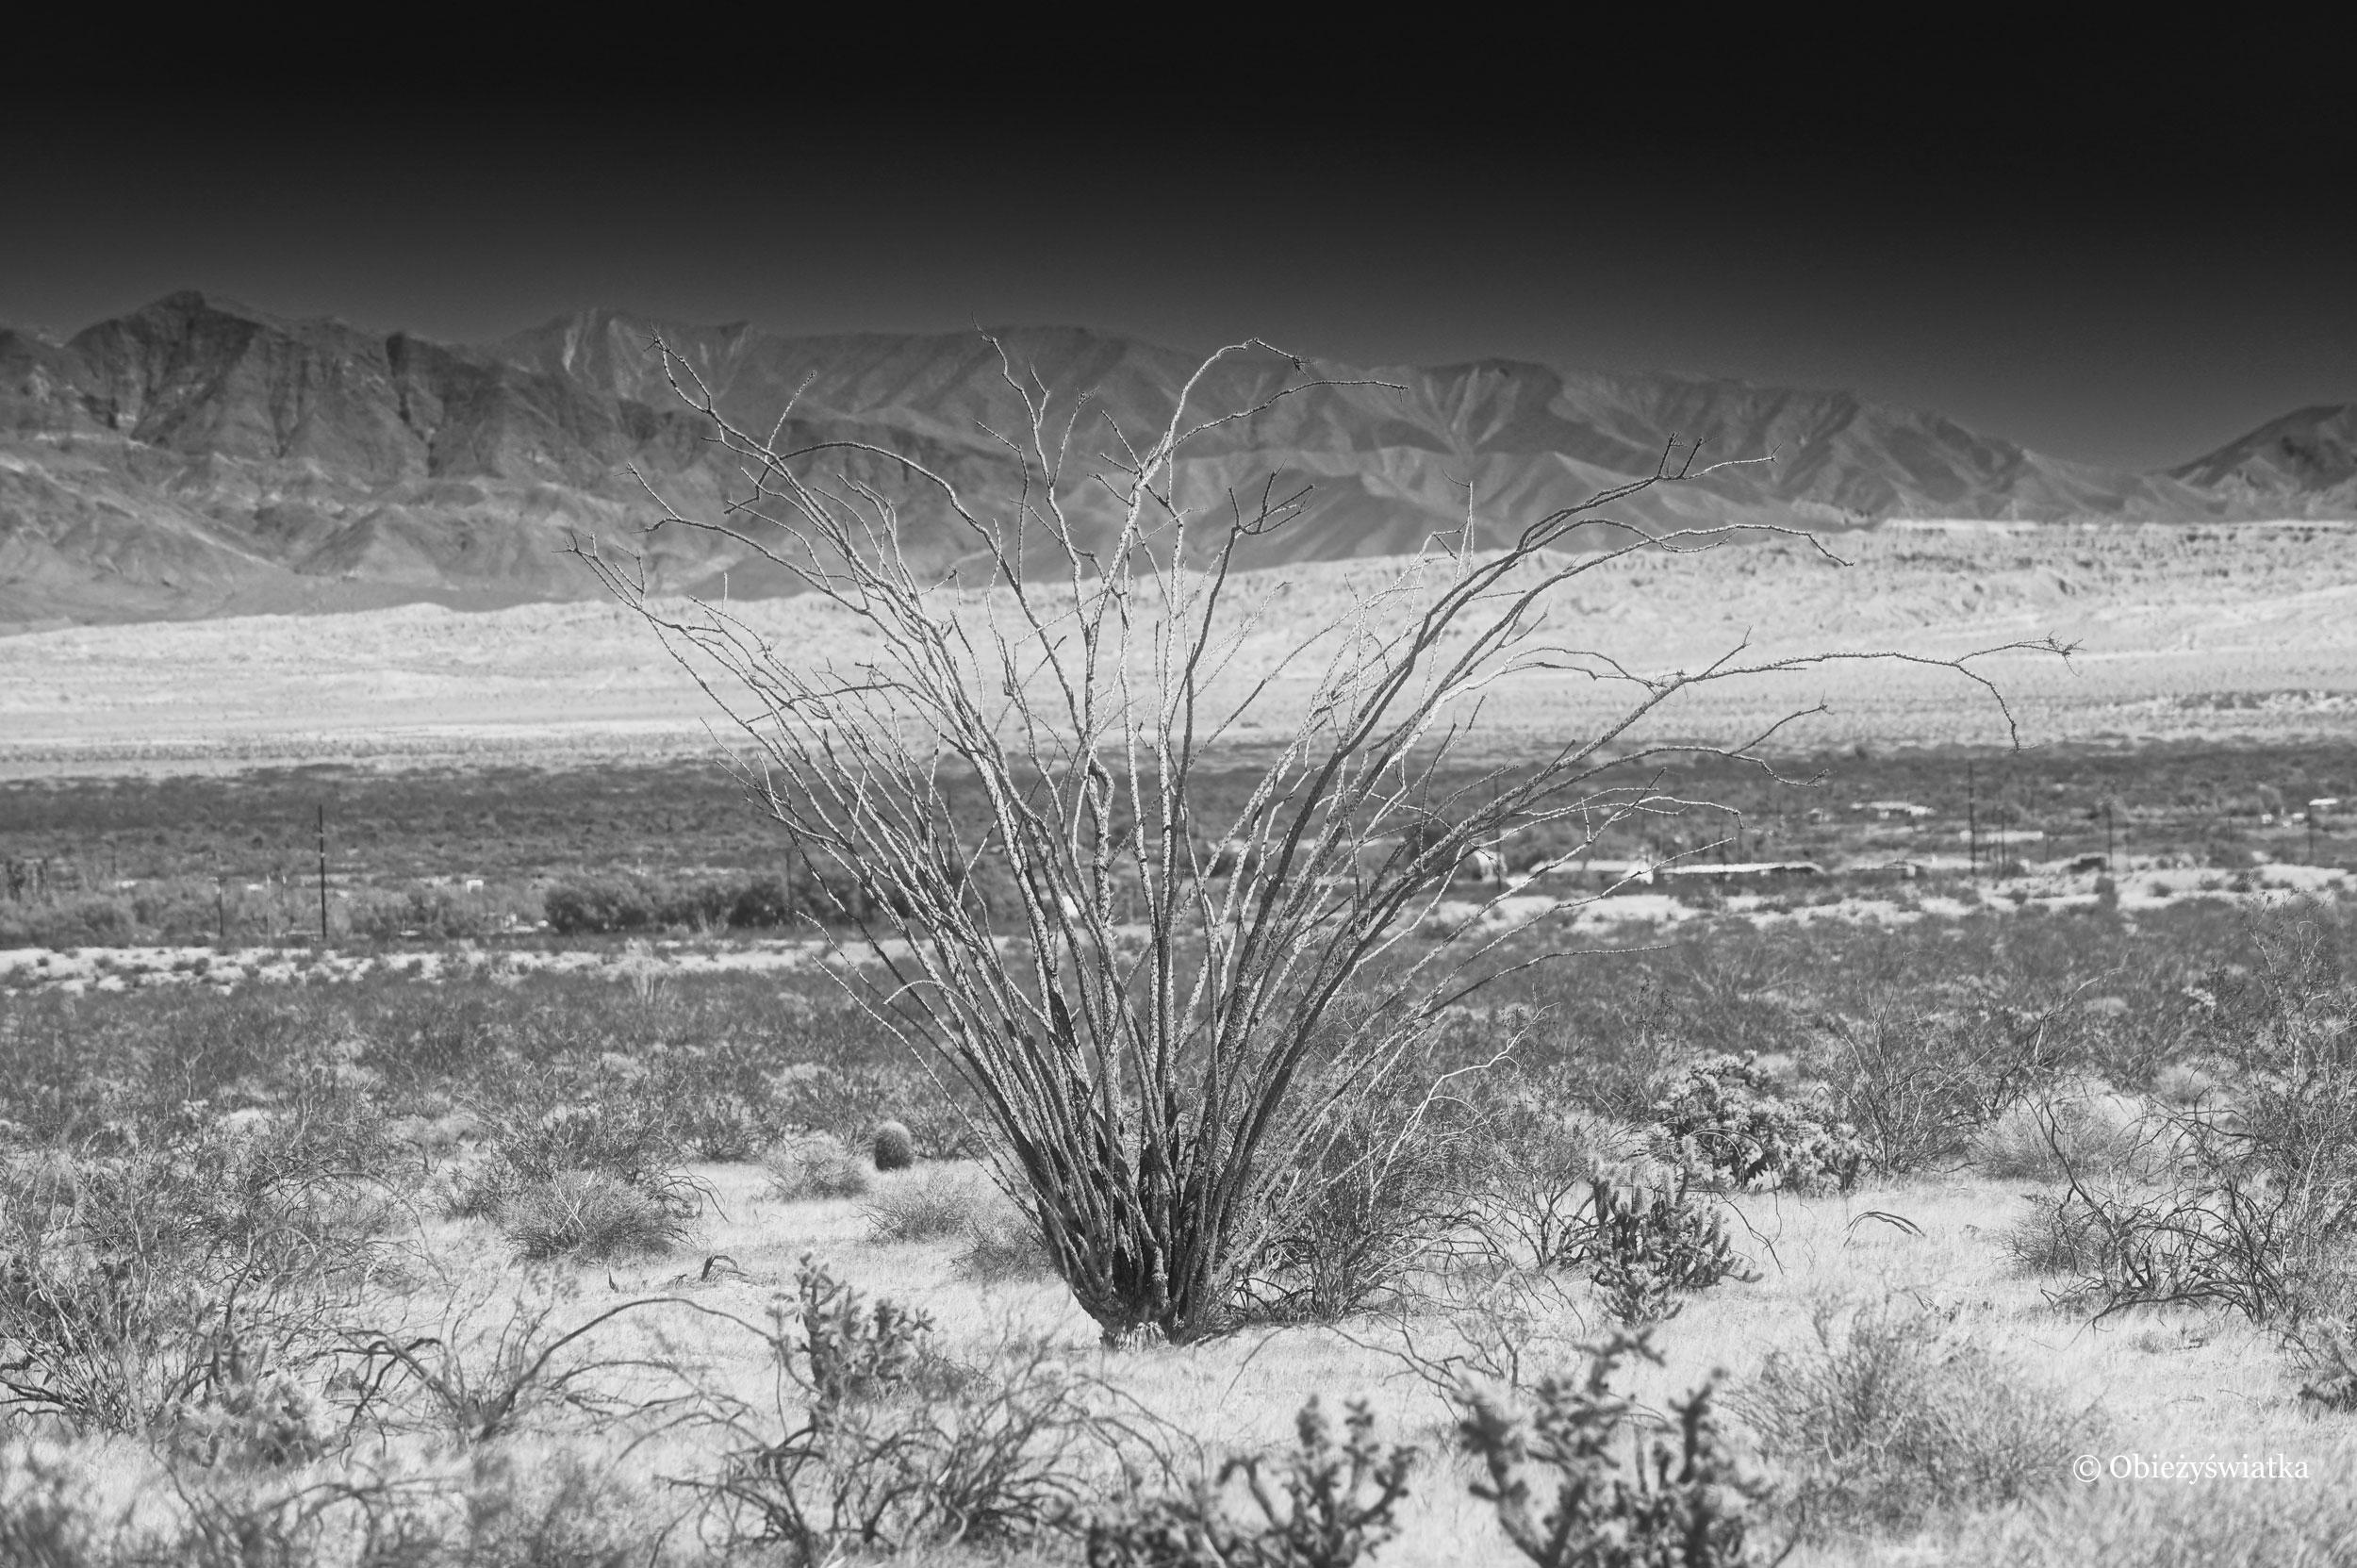 Rzadka Fouquieria splendens w naturze / Pustynia Sonora